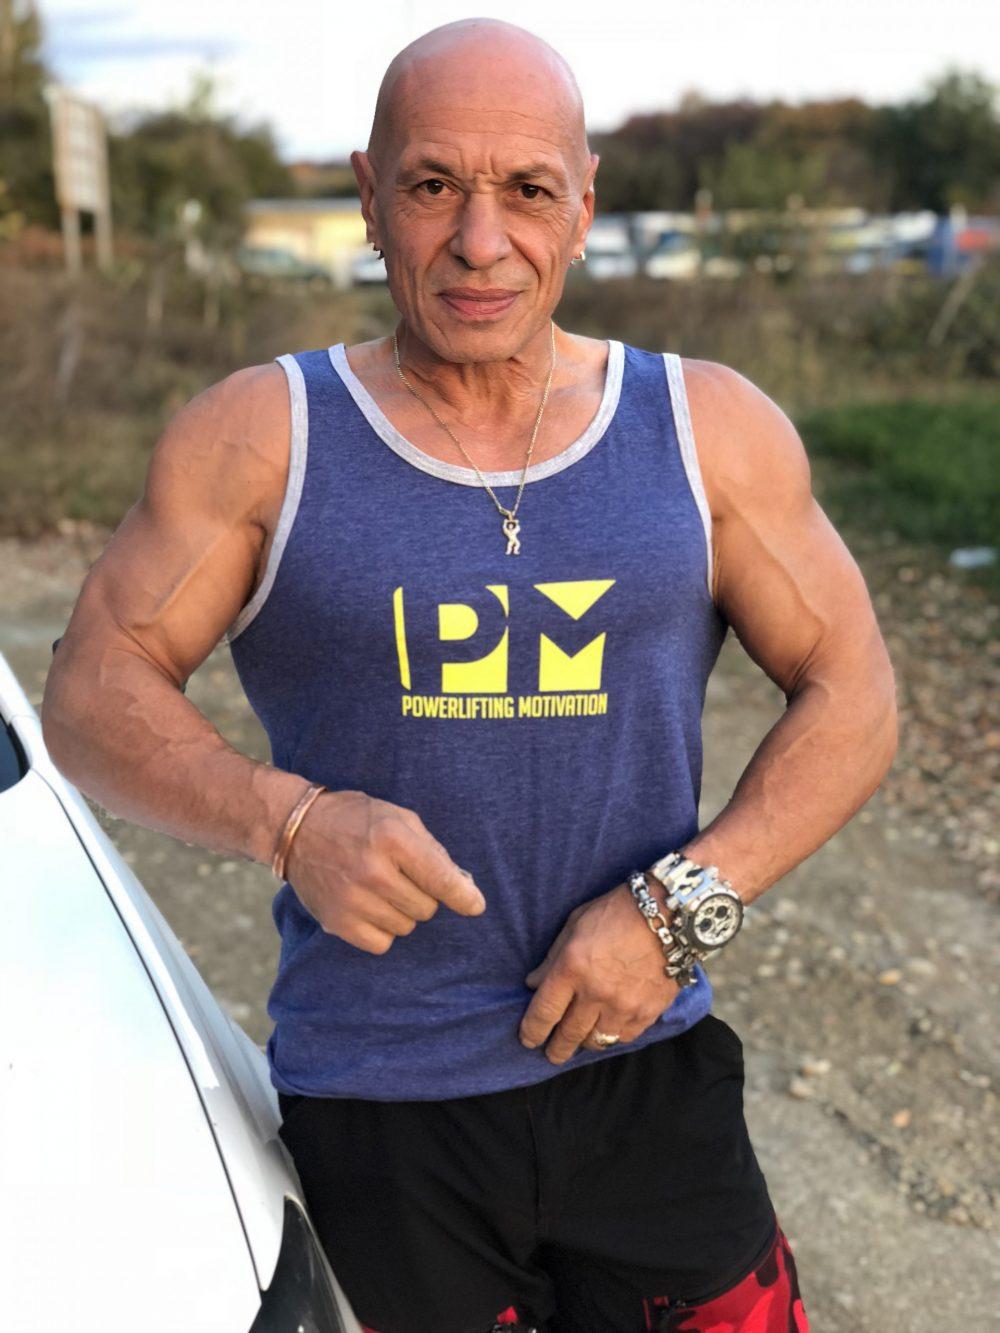 PM Gym Tank